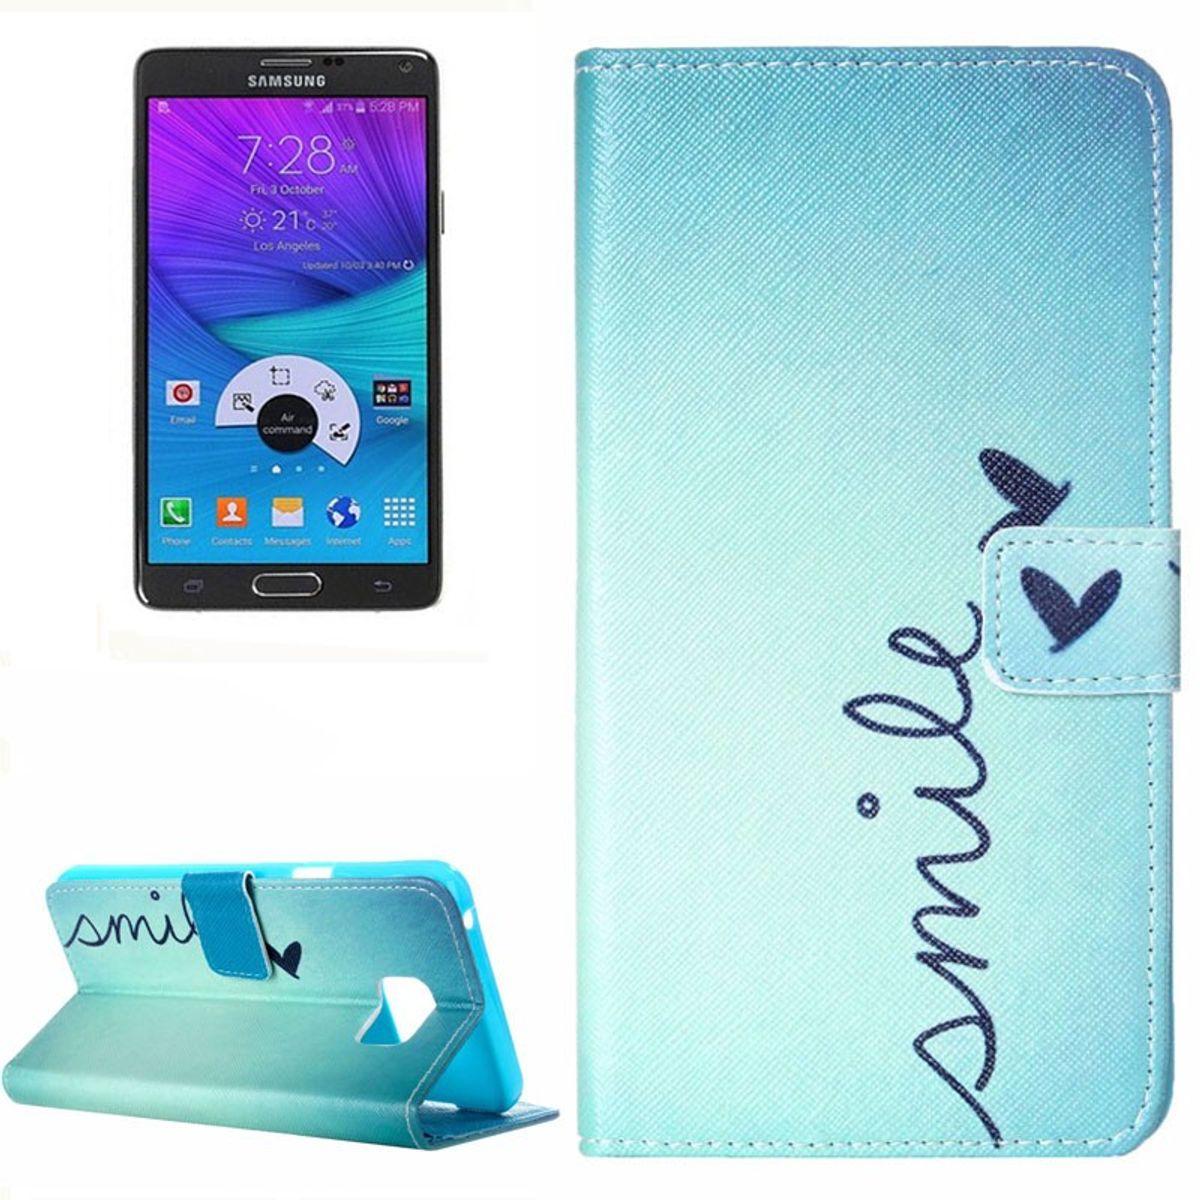 Handyhülle Tasche für Handy Samsung Galaxy Note 5 Smile Lächeln